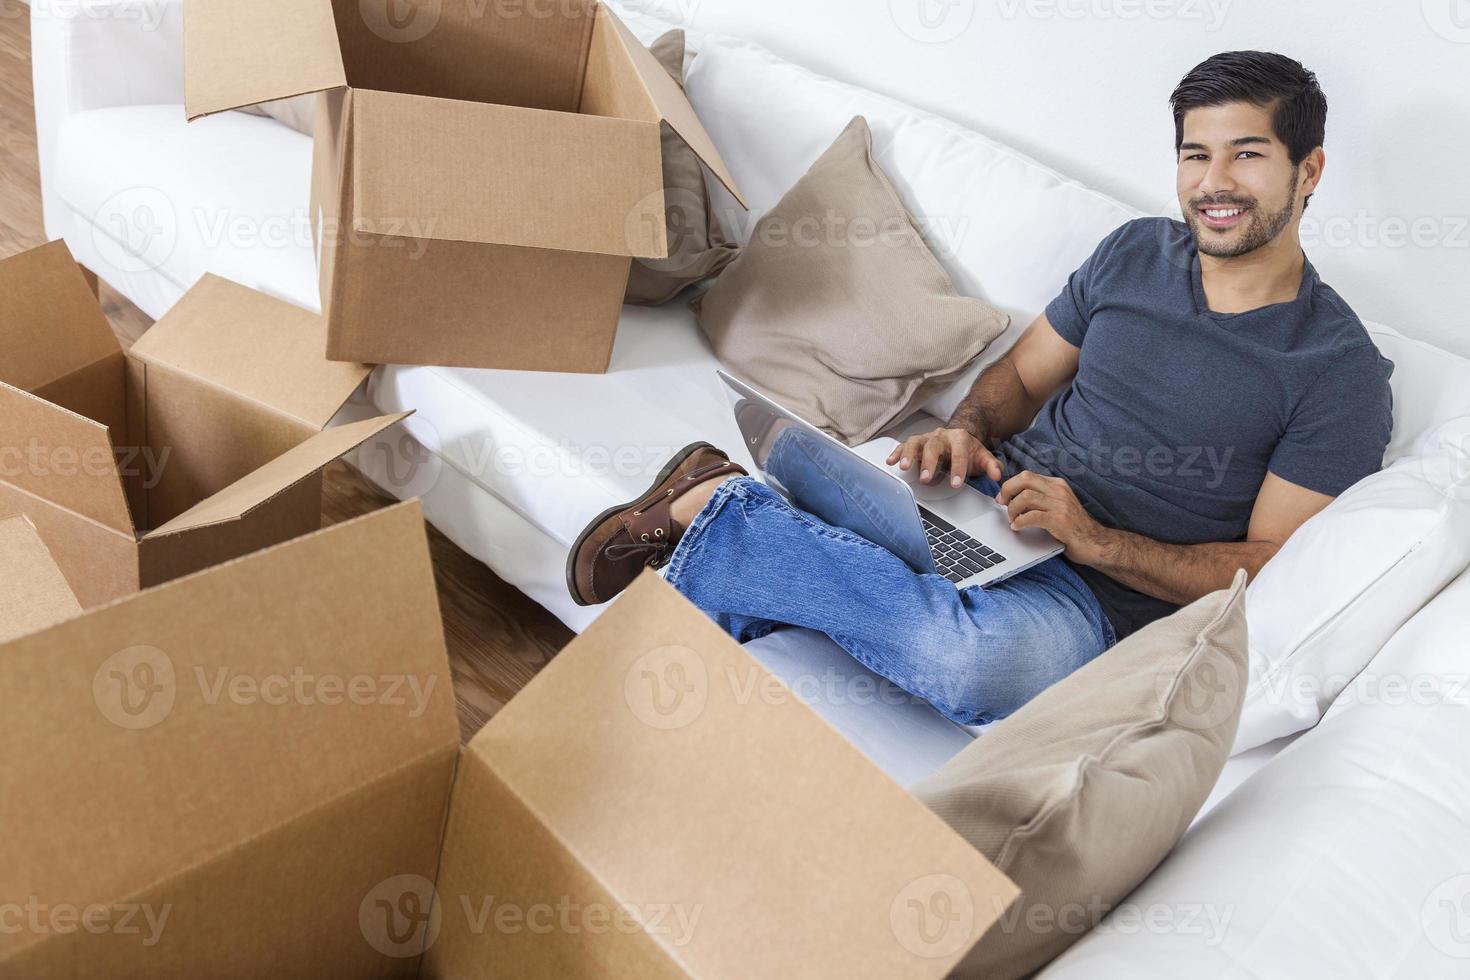 asiatischer Mann, der Laptop auspackt, der Kisten umzieht foto